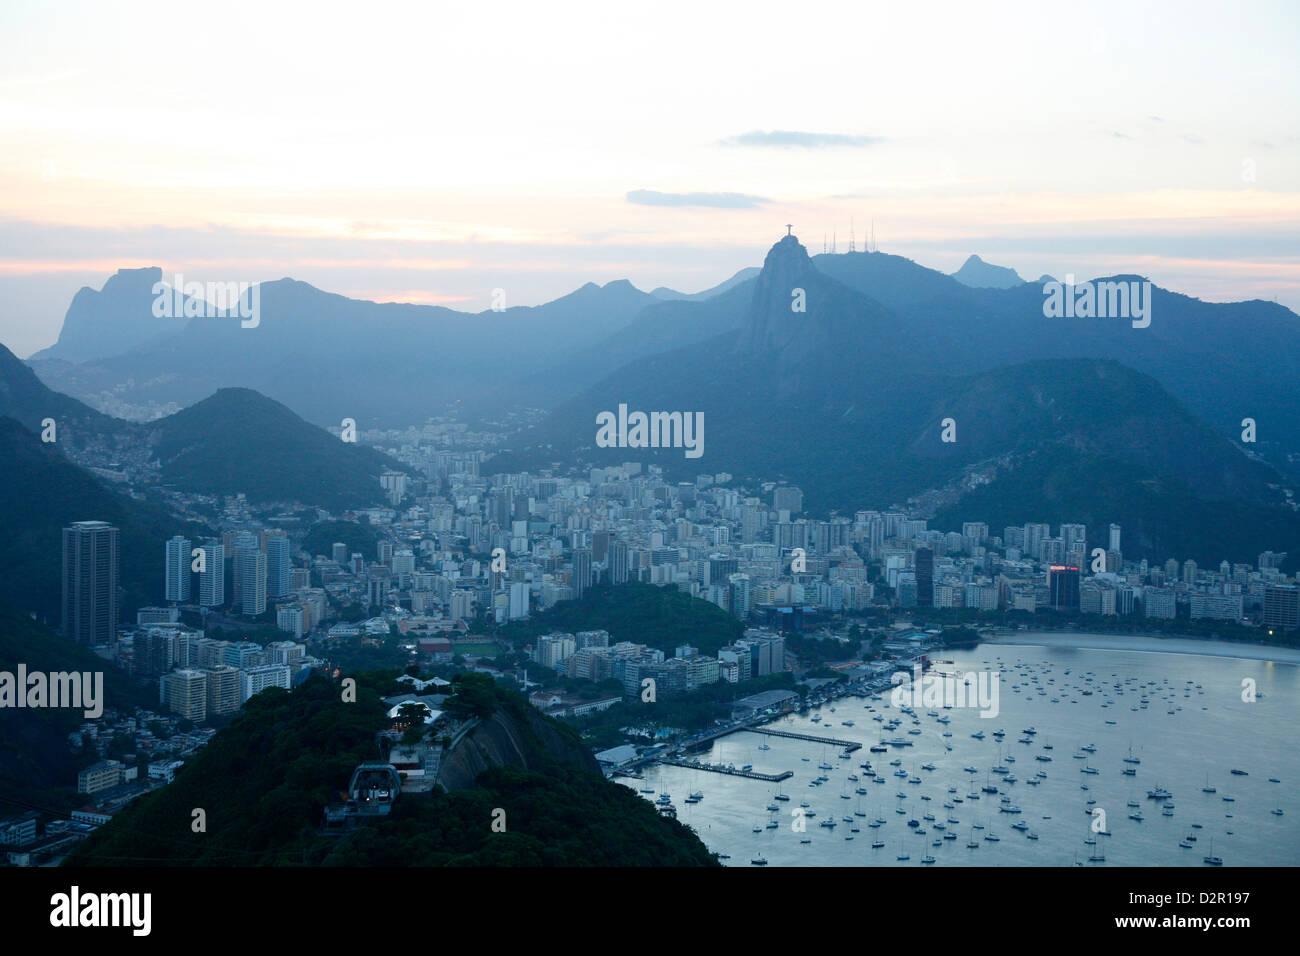 View over Rio de Janeiro seen from the top of the Sugar Loaf Mountain, Rio de Janeiro, Brazil, South America - Stock Image